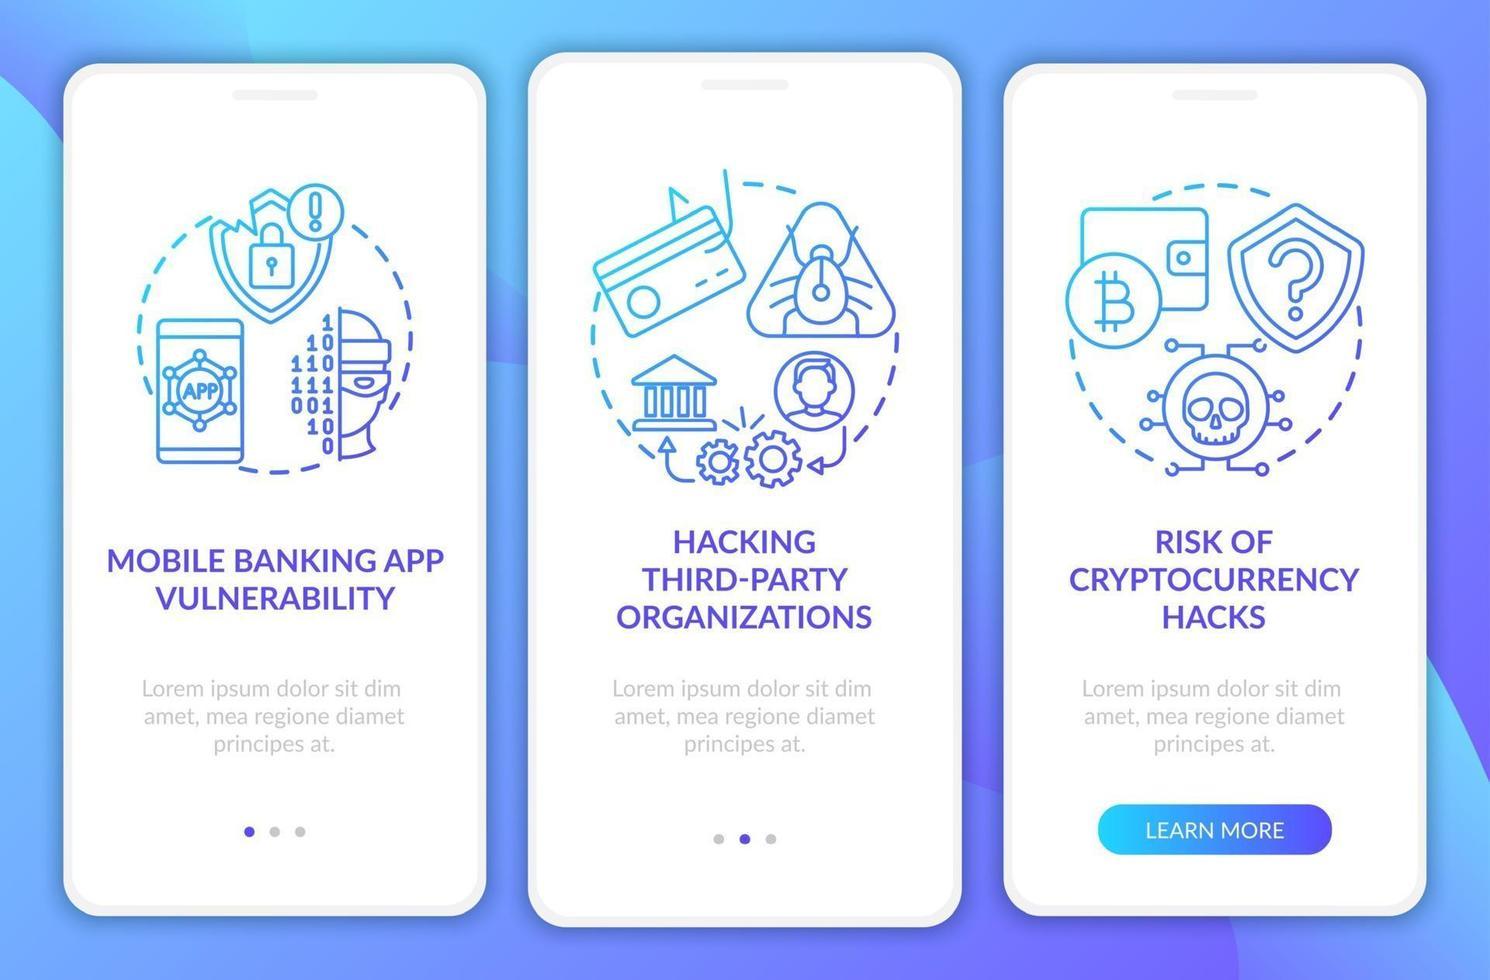 Motivos de violação de segurança bancária integração tela da página do aplicativo móvel com conceitos vetor